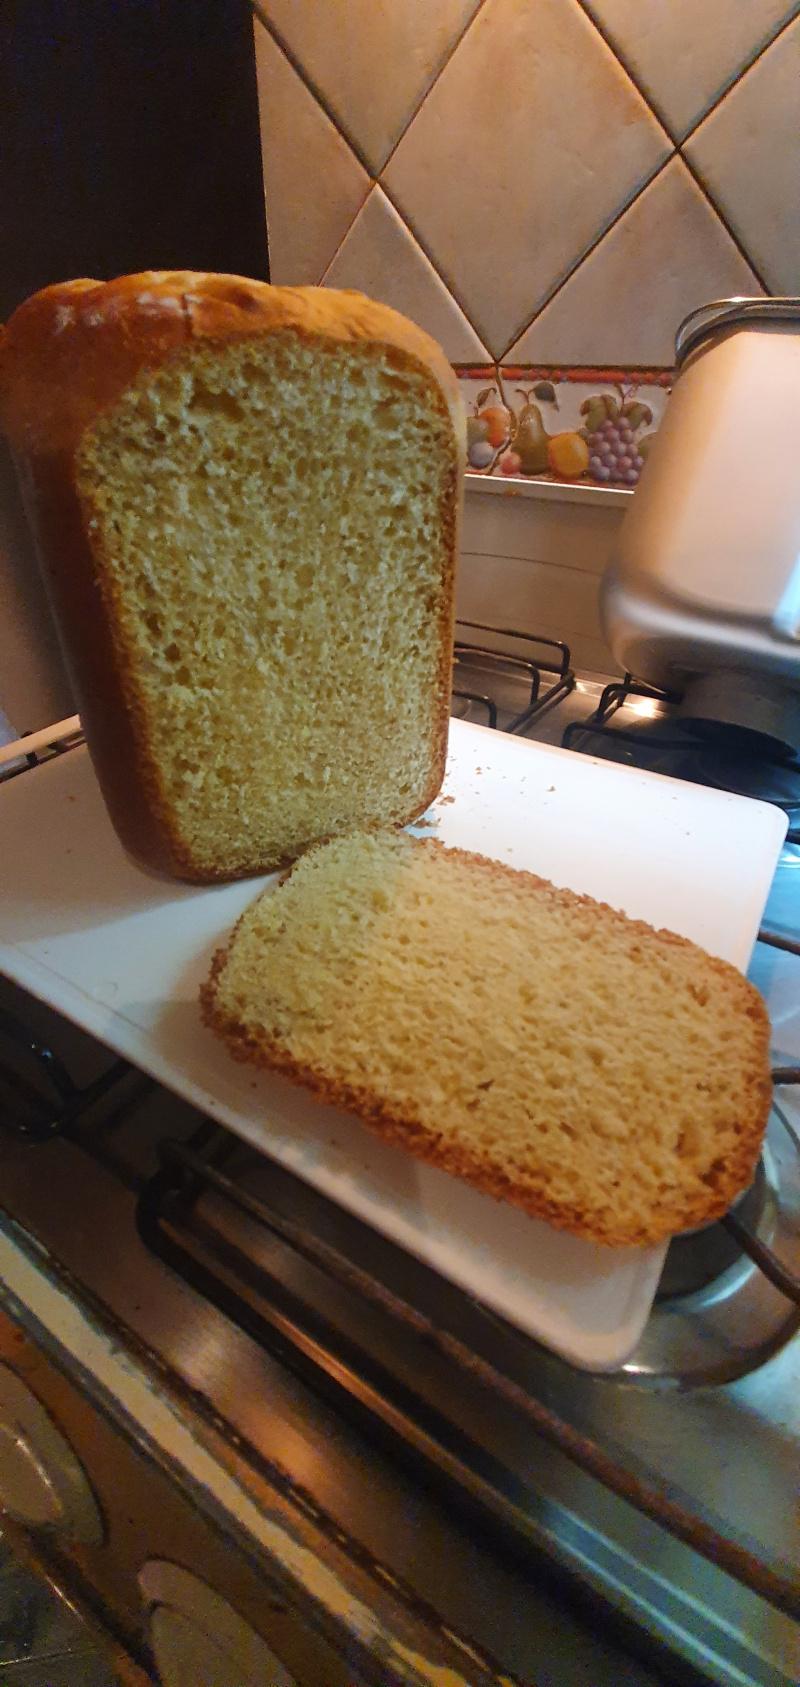 cocinando pan casero